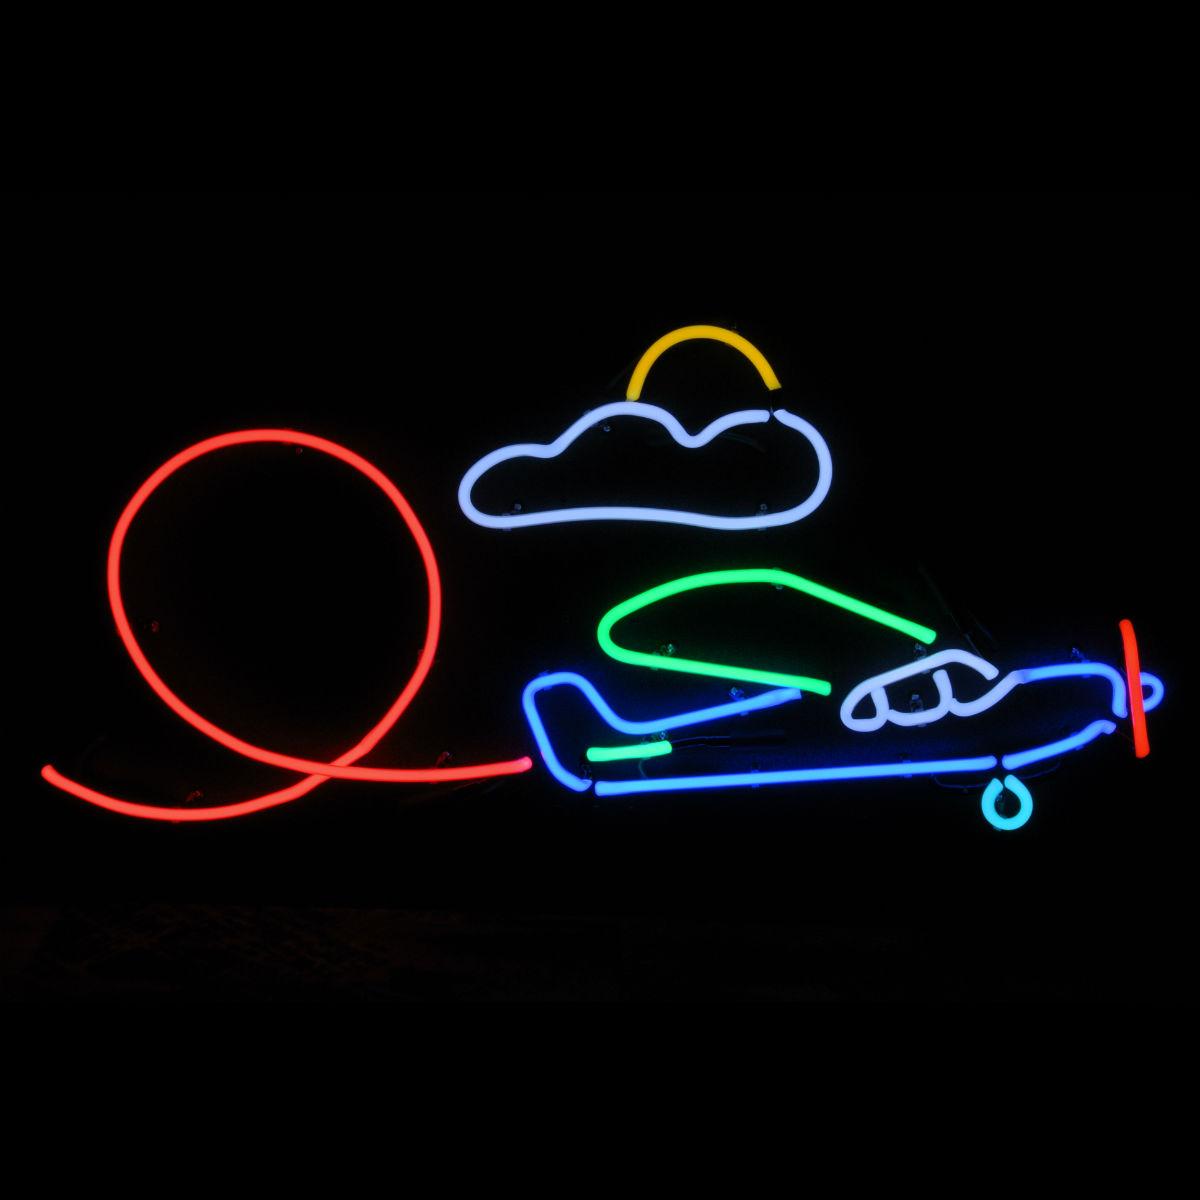 Brilliant Custom Neon Airplane Sculptures!